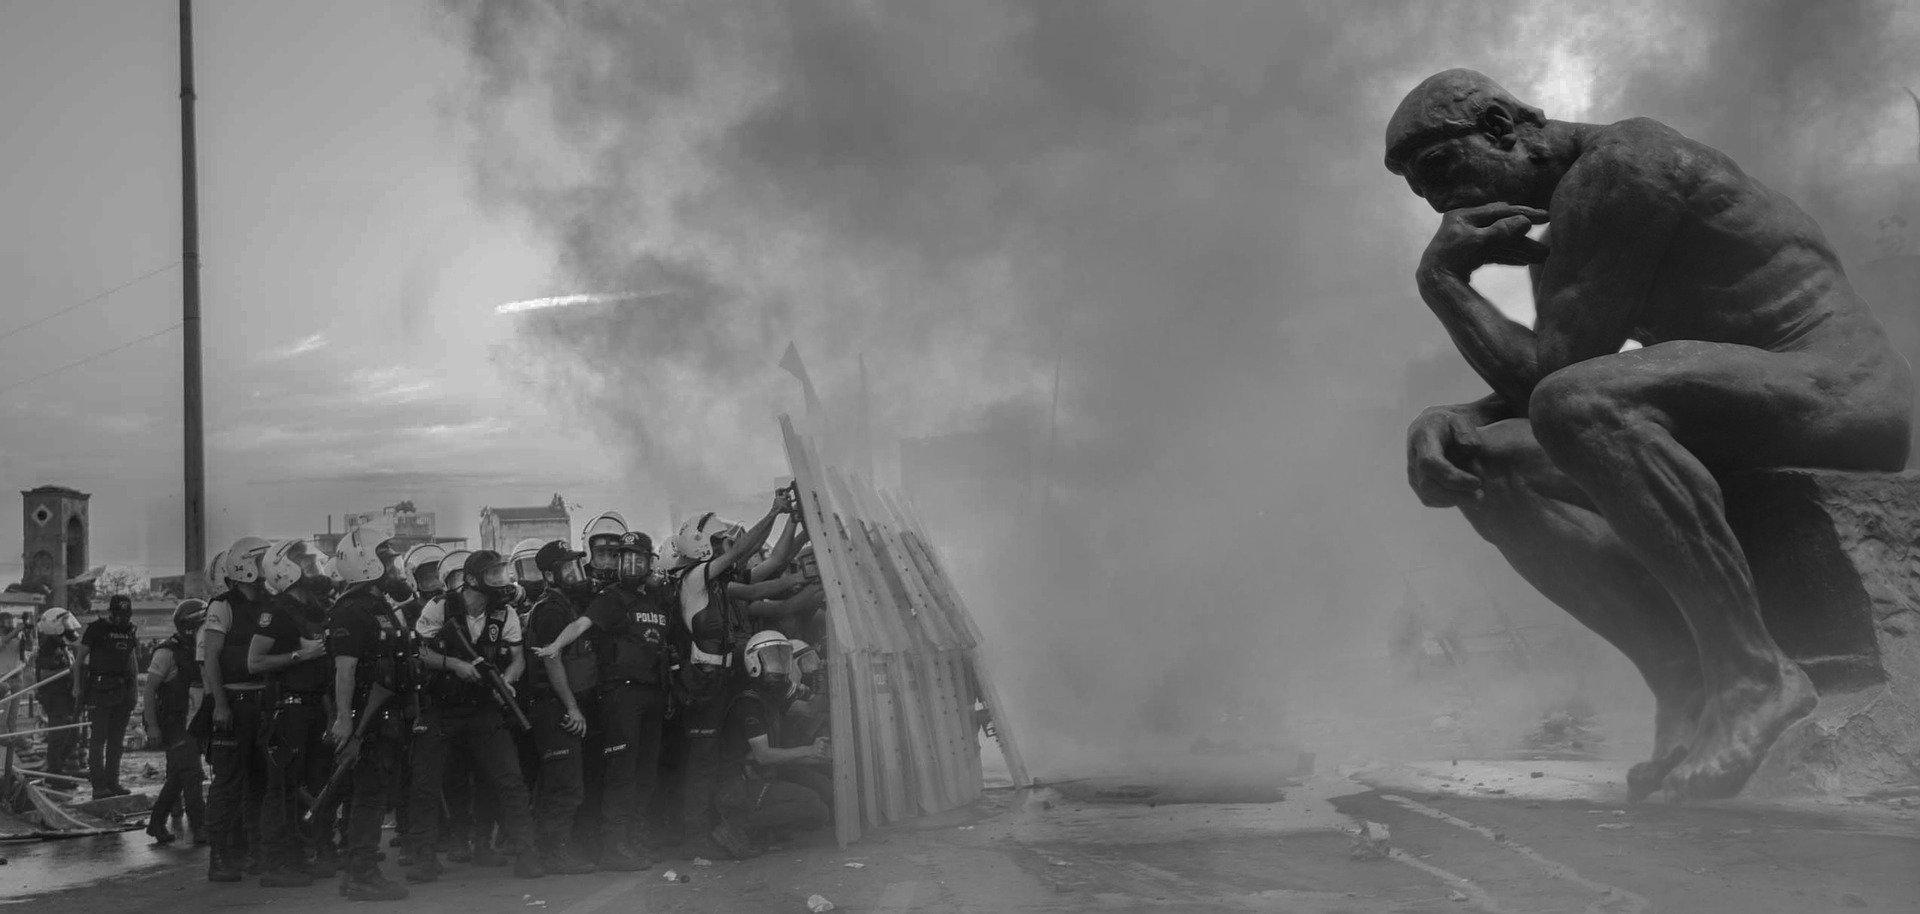 Una gruppo di poliziotti si ripara formando un muro con gli scudi della polizia. Al di là di questo muro, la statua del pensatore di Rodin.